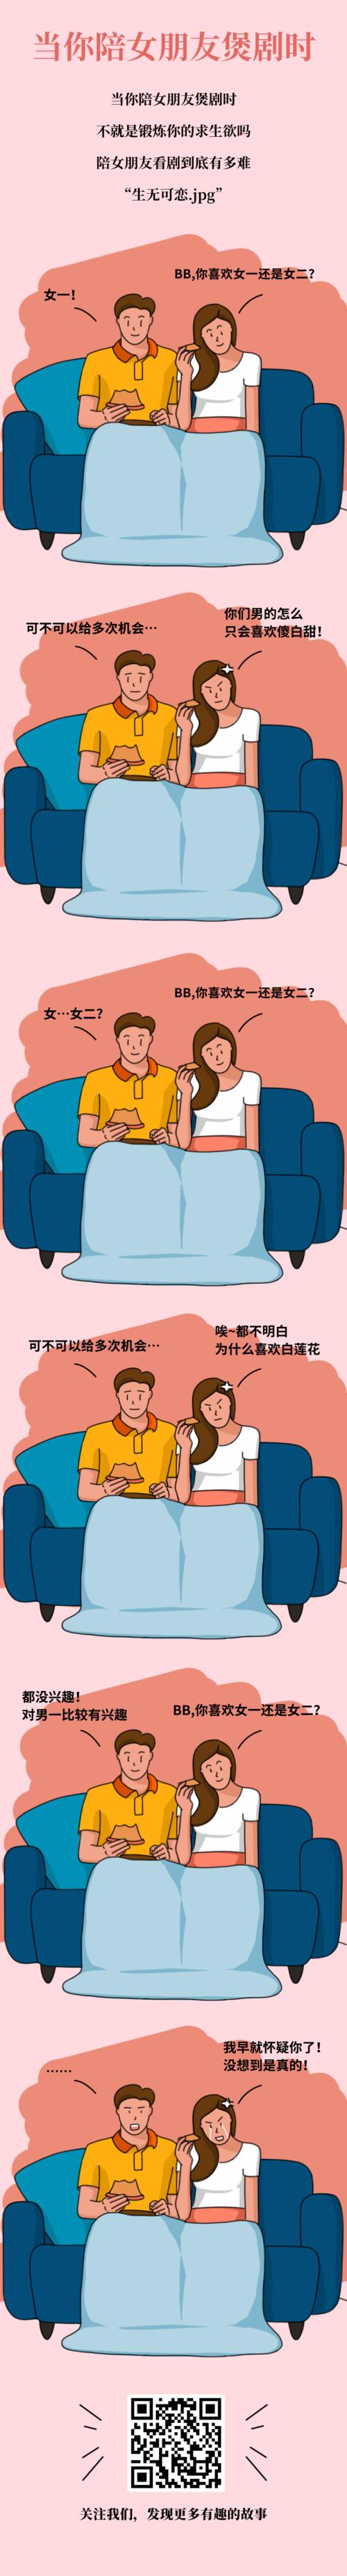 卡通趣味恋爱宣传条漫